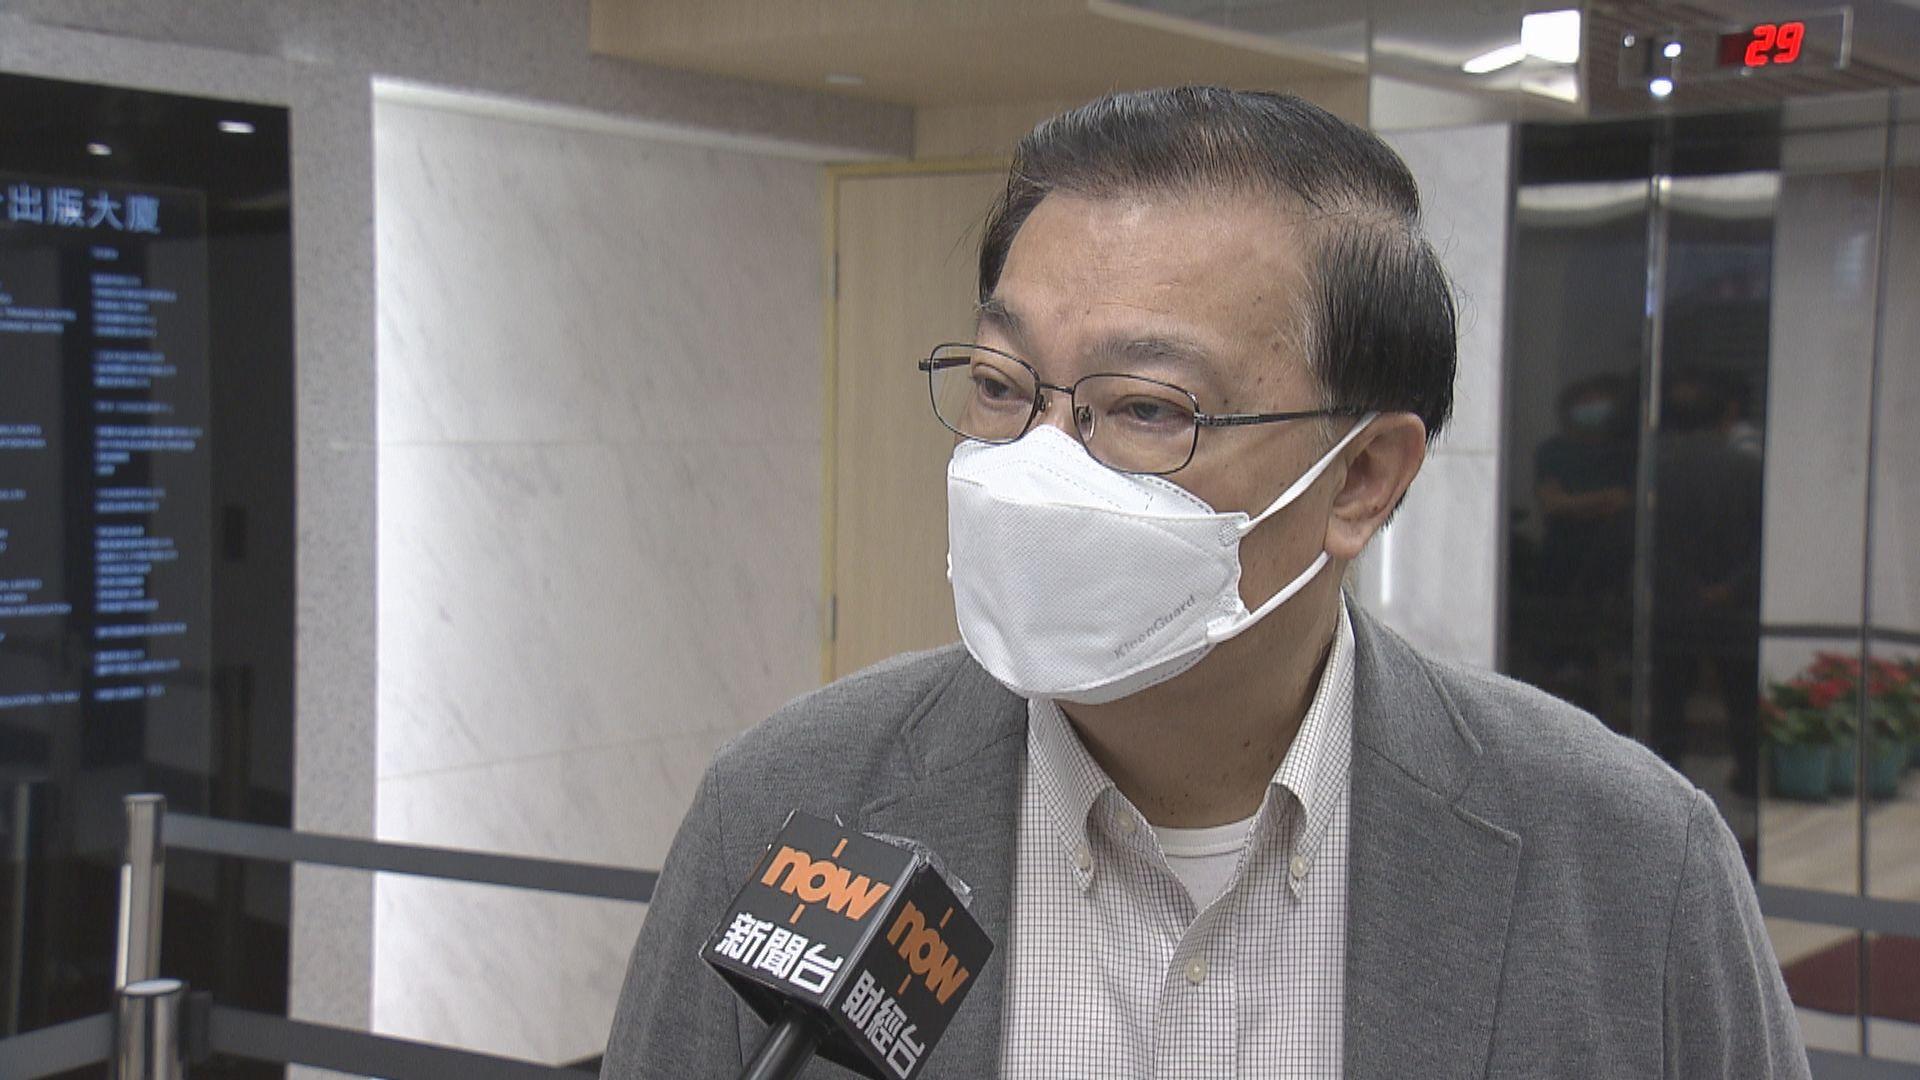 譚耀宗:香港國安法針對極少數 分裂國家等要有一定分量